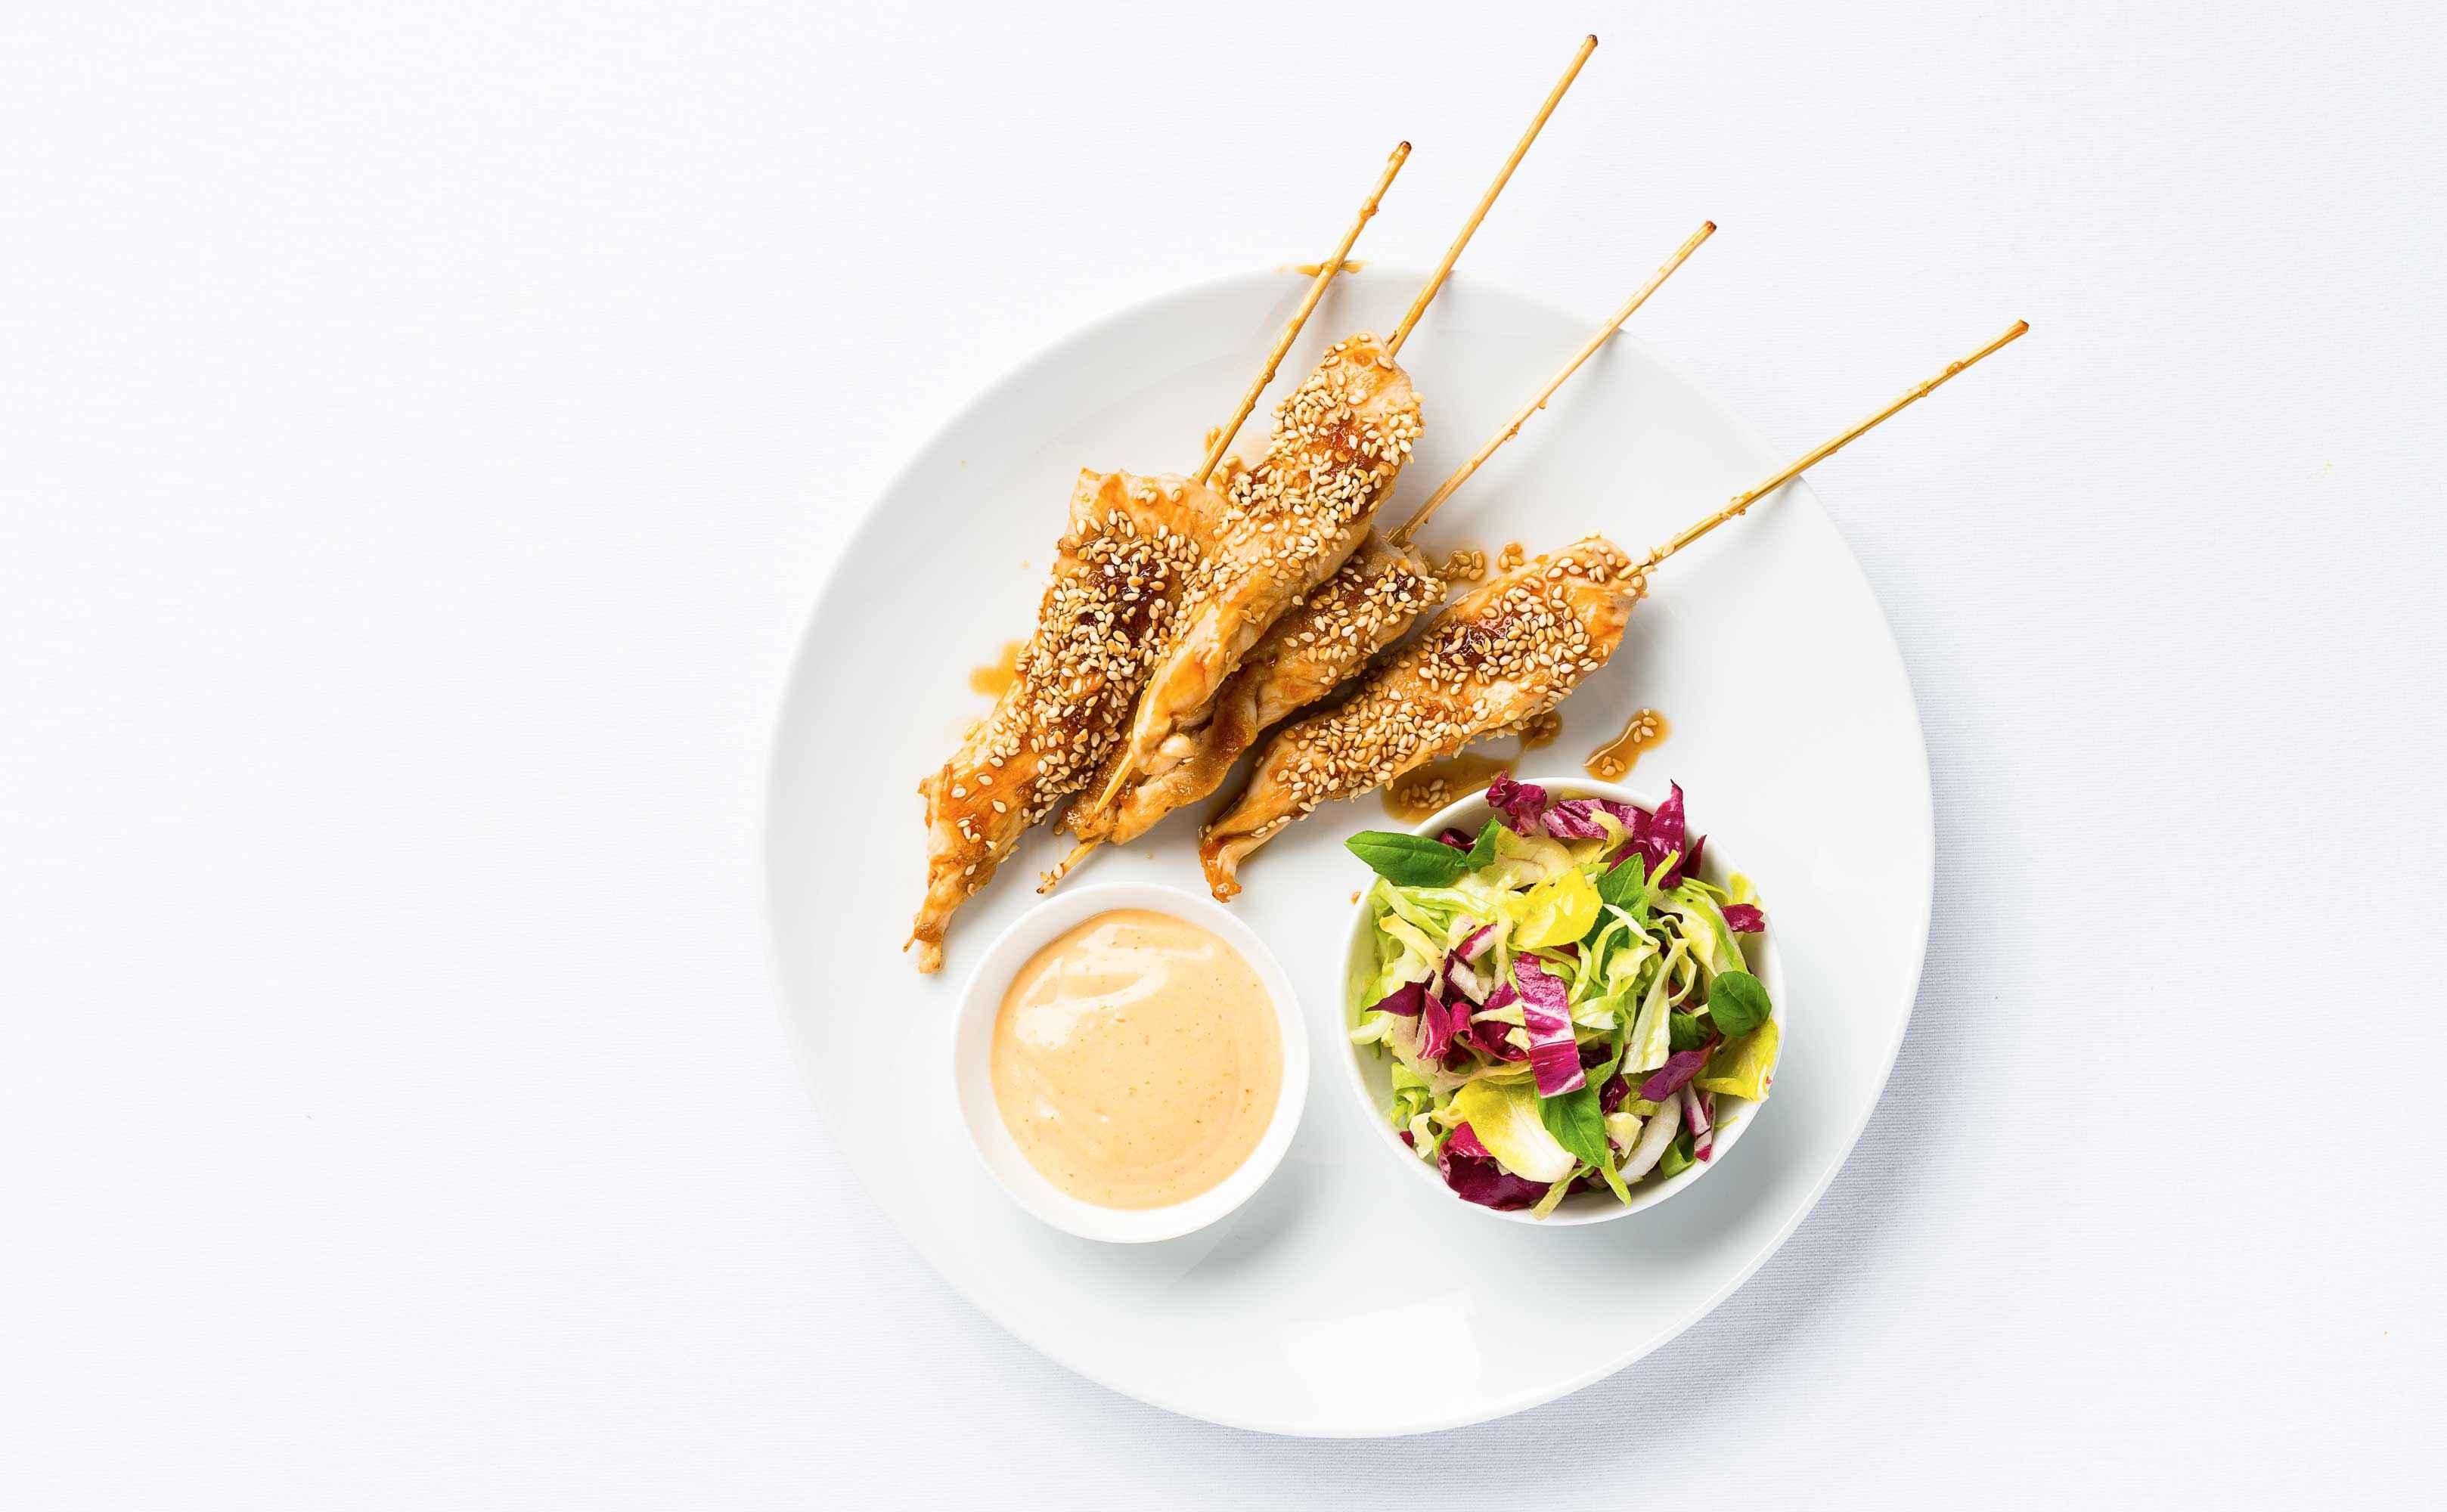 Rezept für Chicken-Teriyaki mit Sesam-Dip und Schnittsalat